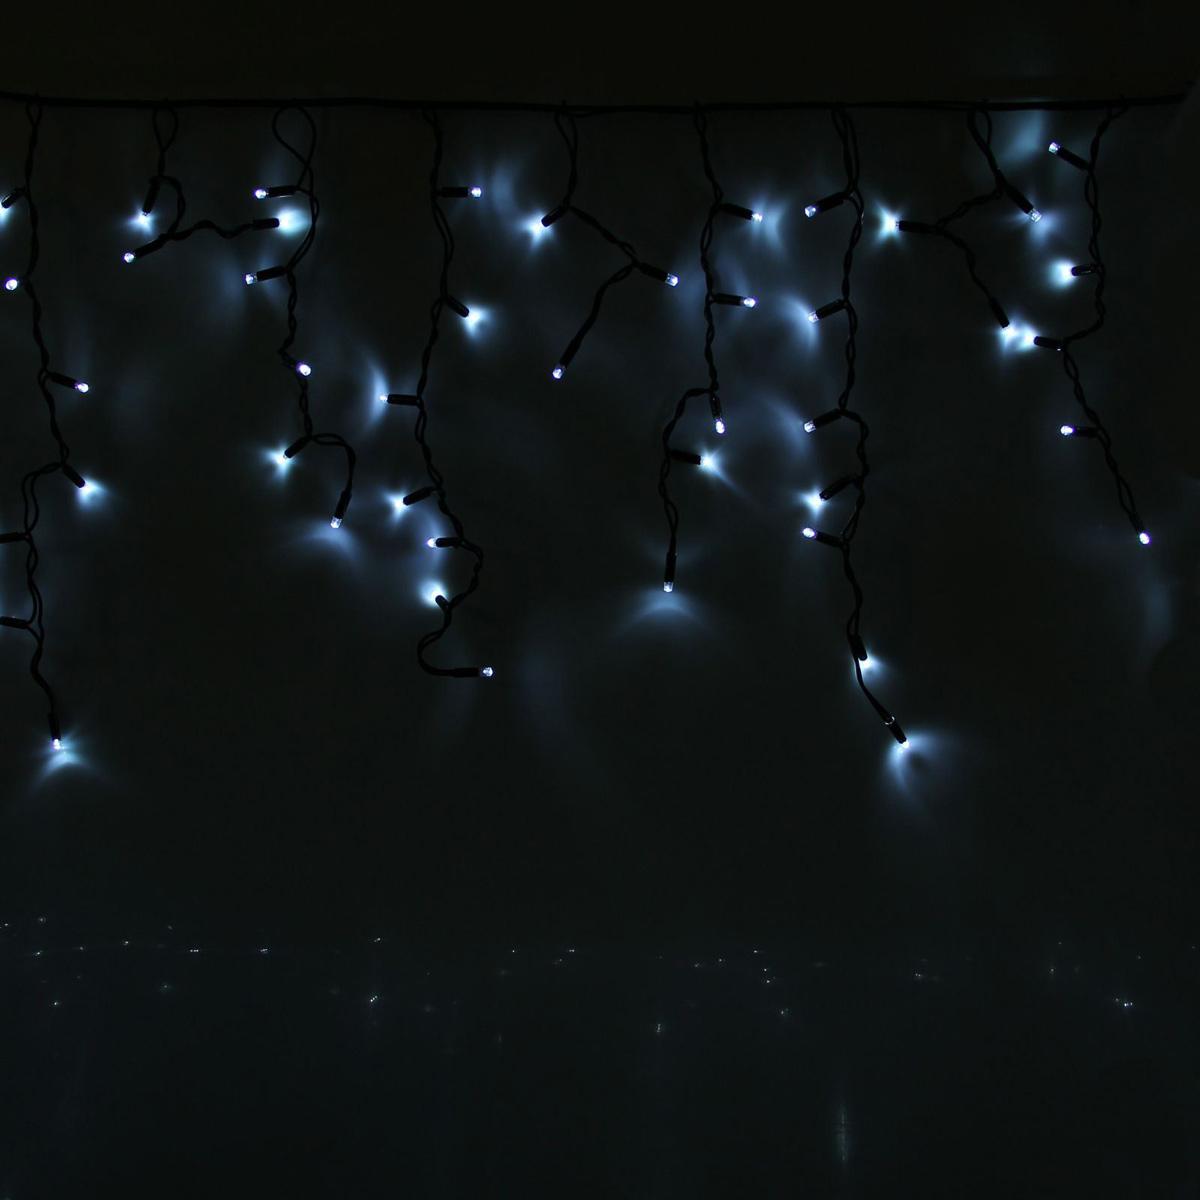 Гирлянда светодиодная Luazon Бахрома, уличная, 180 ламп, 220 V, цвет: белый, 4 х 0,6 м. 10806481080648Светодиодные гирлянды, ленты и т.д — это отличный вариант для новогоднего оформления интерьера или фасада. С их помощью помещение любого размера можно превратить в праздничный зал, а внешние элементы зданий, украшенные ими, мгновенно станут напоминать очертания сказочного дворца. Такие украшения создают ауру предвкушения чуда. Деревья, фасады, витрины, окна и арки будто специально созданы, чтобы вы украсили их светящимися нитями.